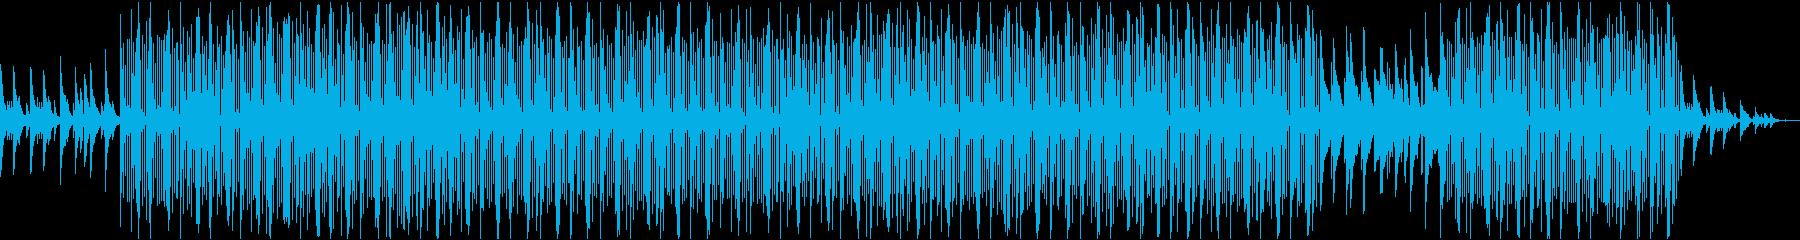 洋楽・ダーク・悲しいヒップホップ・ピアノの再生済みの波形